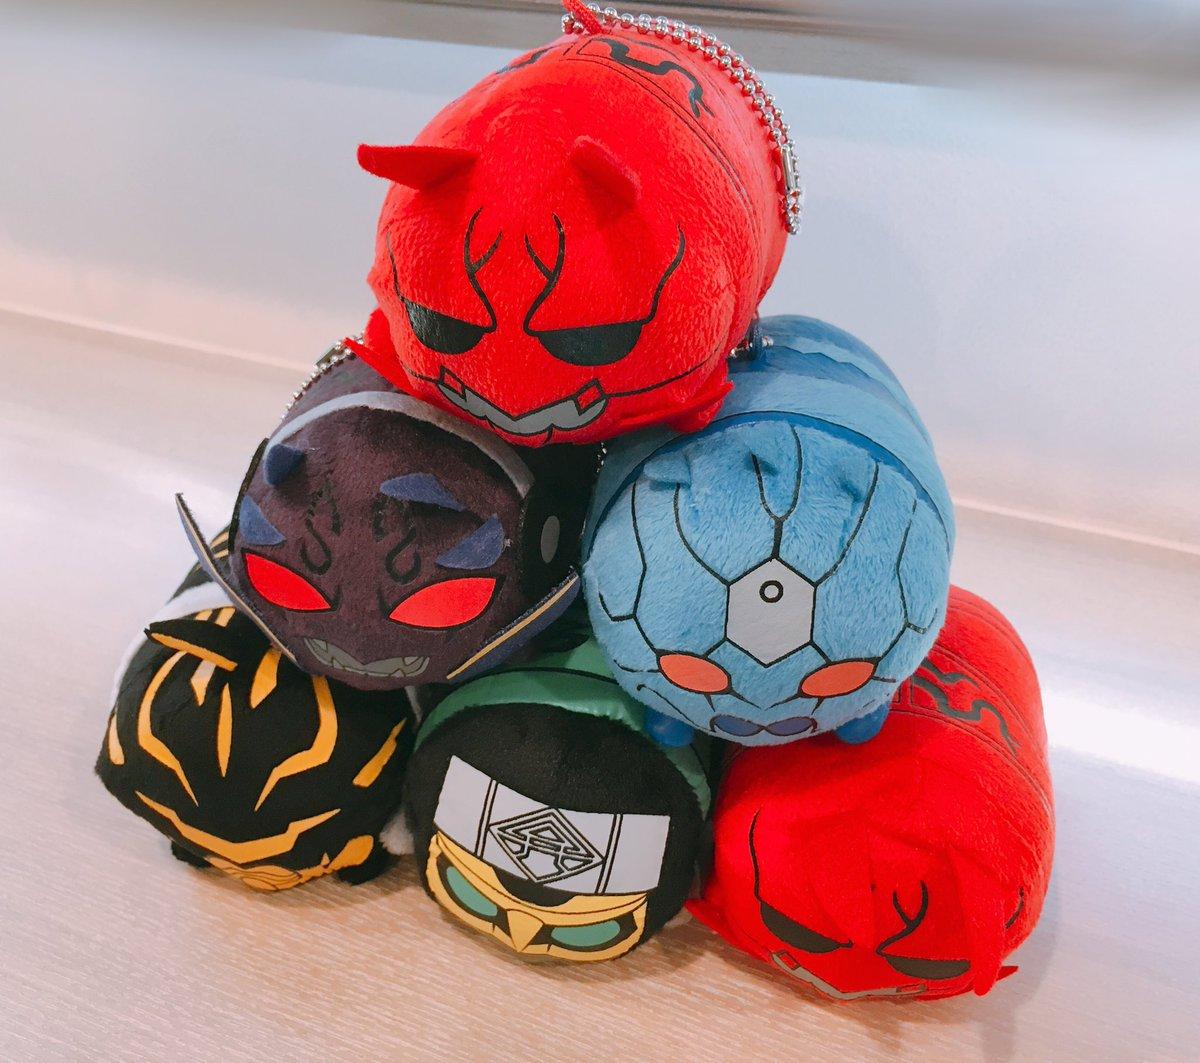 完全なる趣味ツイートなんですが、仮面ライダー電王のクリーナーマスコットが届きまして、可愛すぎて大興奮です(間違えてモモタロス2つ買ってたらしく2個届いた)【枢】